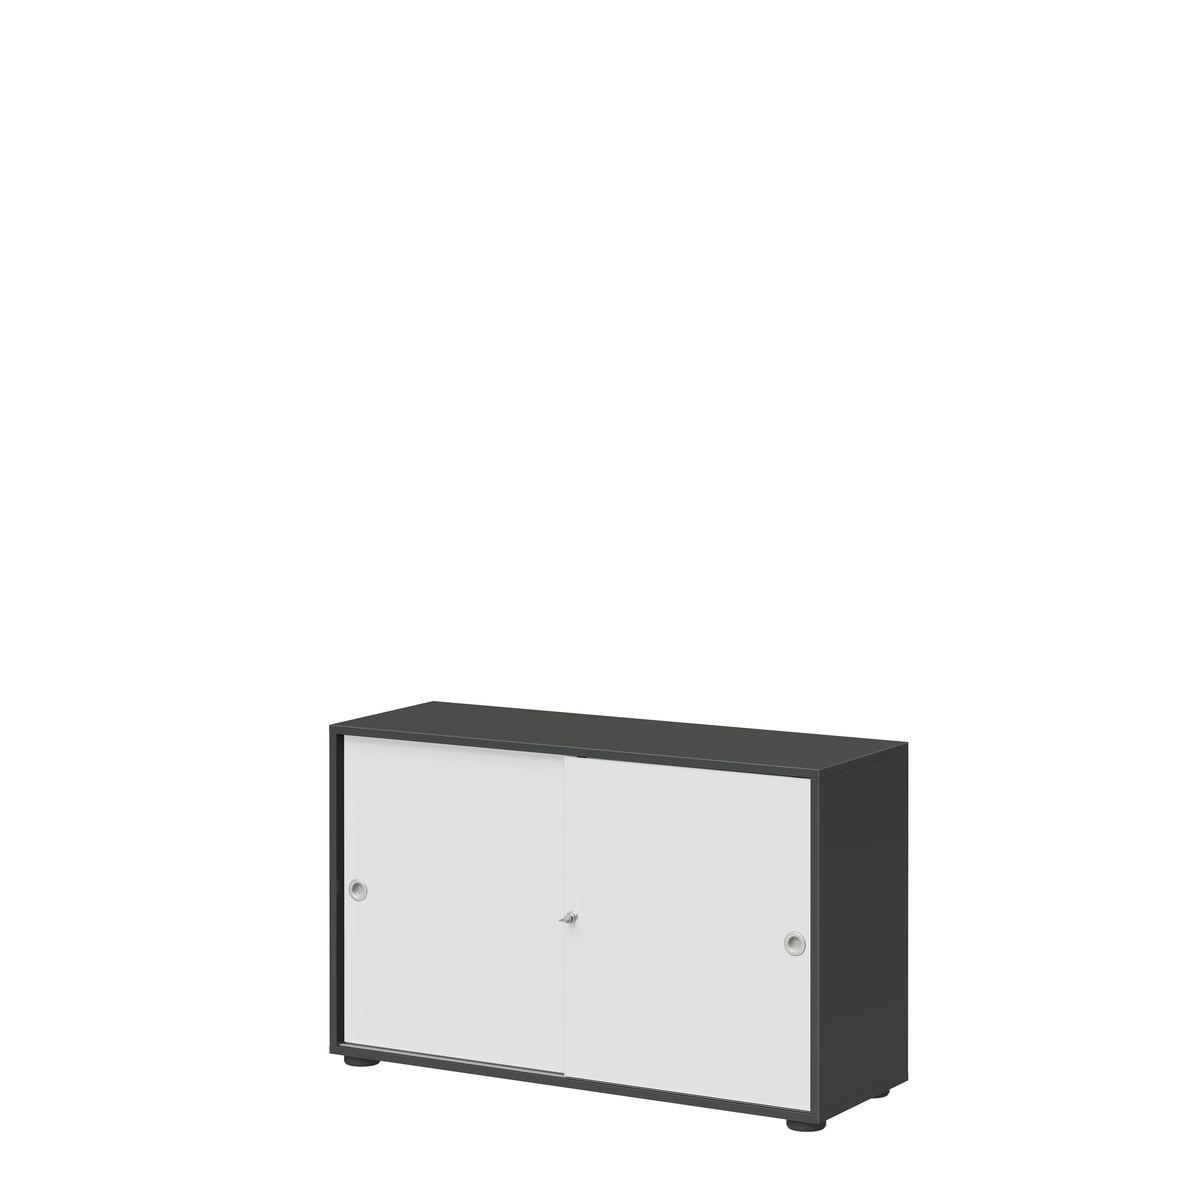 schiebet ren schrank almondo 2 oh 2 b den h 752 x b 1200 x t 420 mm g nstig kaufen sch fer shop. Black Bedroom Furniture Sets. Home Design Ideas